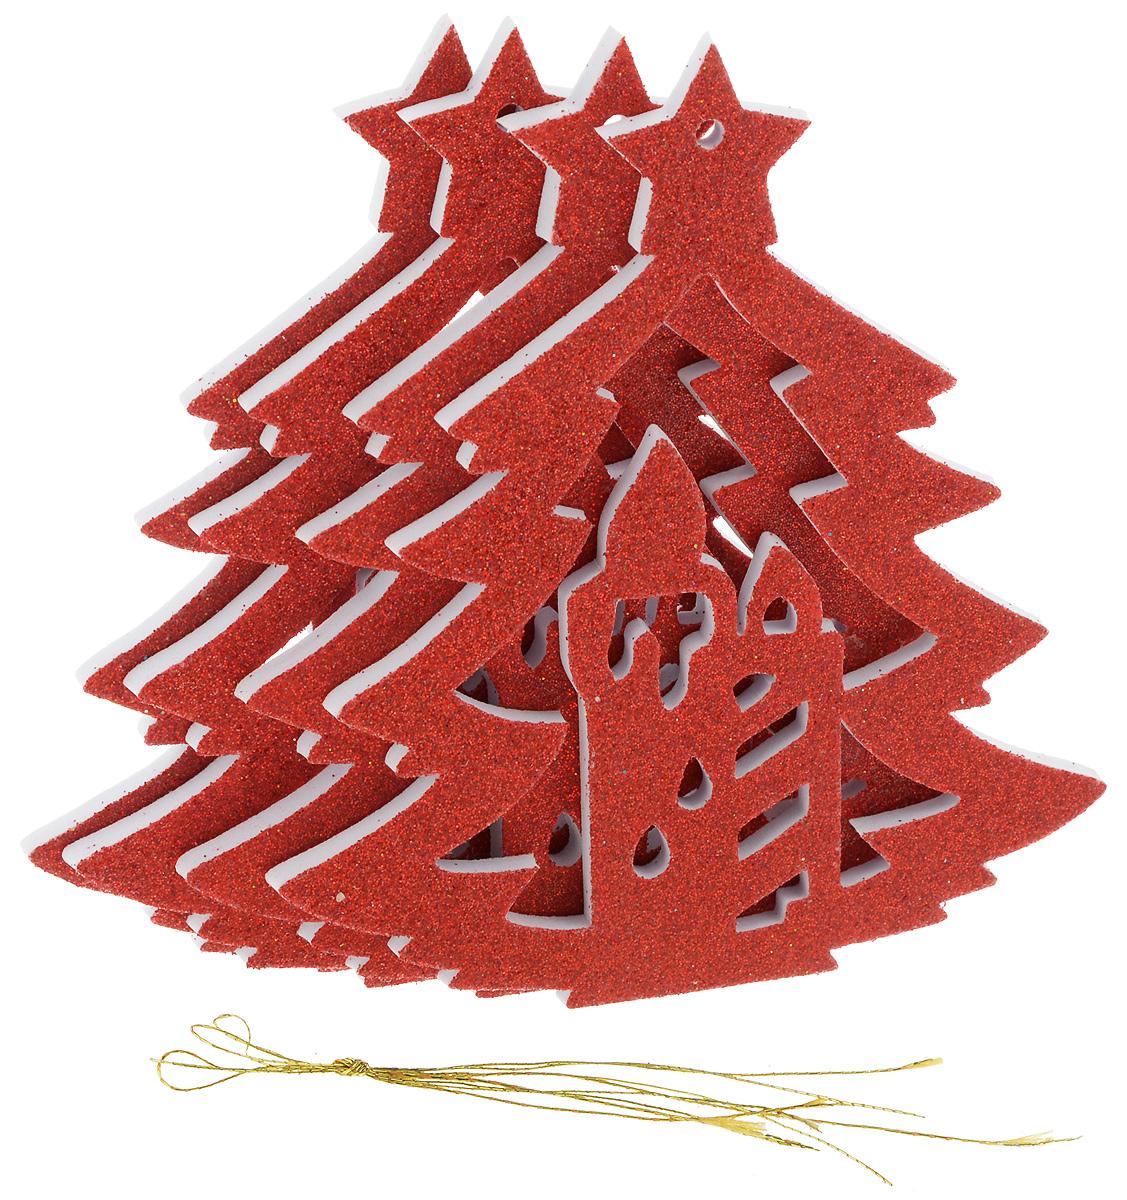 Набор новогодних подвесных украшений House & Holder Елка, цвет: красный, 4 штRSP-202SНабор подвесных украшений House & Holder Елка прекрасно подойдет для праздничного декора новогодней ели. Набор состоит из 4 пластиковых украшений.Елочная игрушка - символ Нового года. Она несет в себе волшебство и красоту праздника. Создайте в своем доме атмосферу веселья и радости, украшая новогоднюю елку нарядными игрушками, которые будут из года в год накапливать теплоту воспоминаний. Откройте для себя удивительный мир сказок и грез. Почувствуйте волшебные минуты ожидания праздника, создайте новогоднее настроение вашим дорогим и близким.Размер: 11 х 0,5 х 12,5 см.